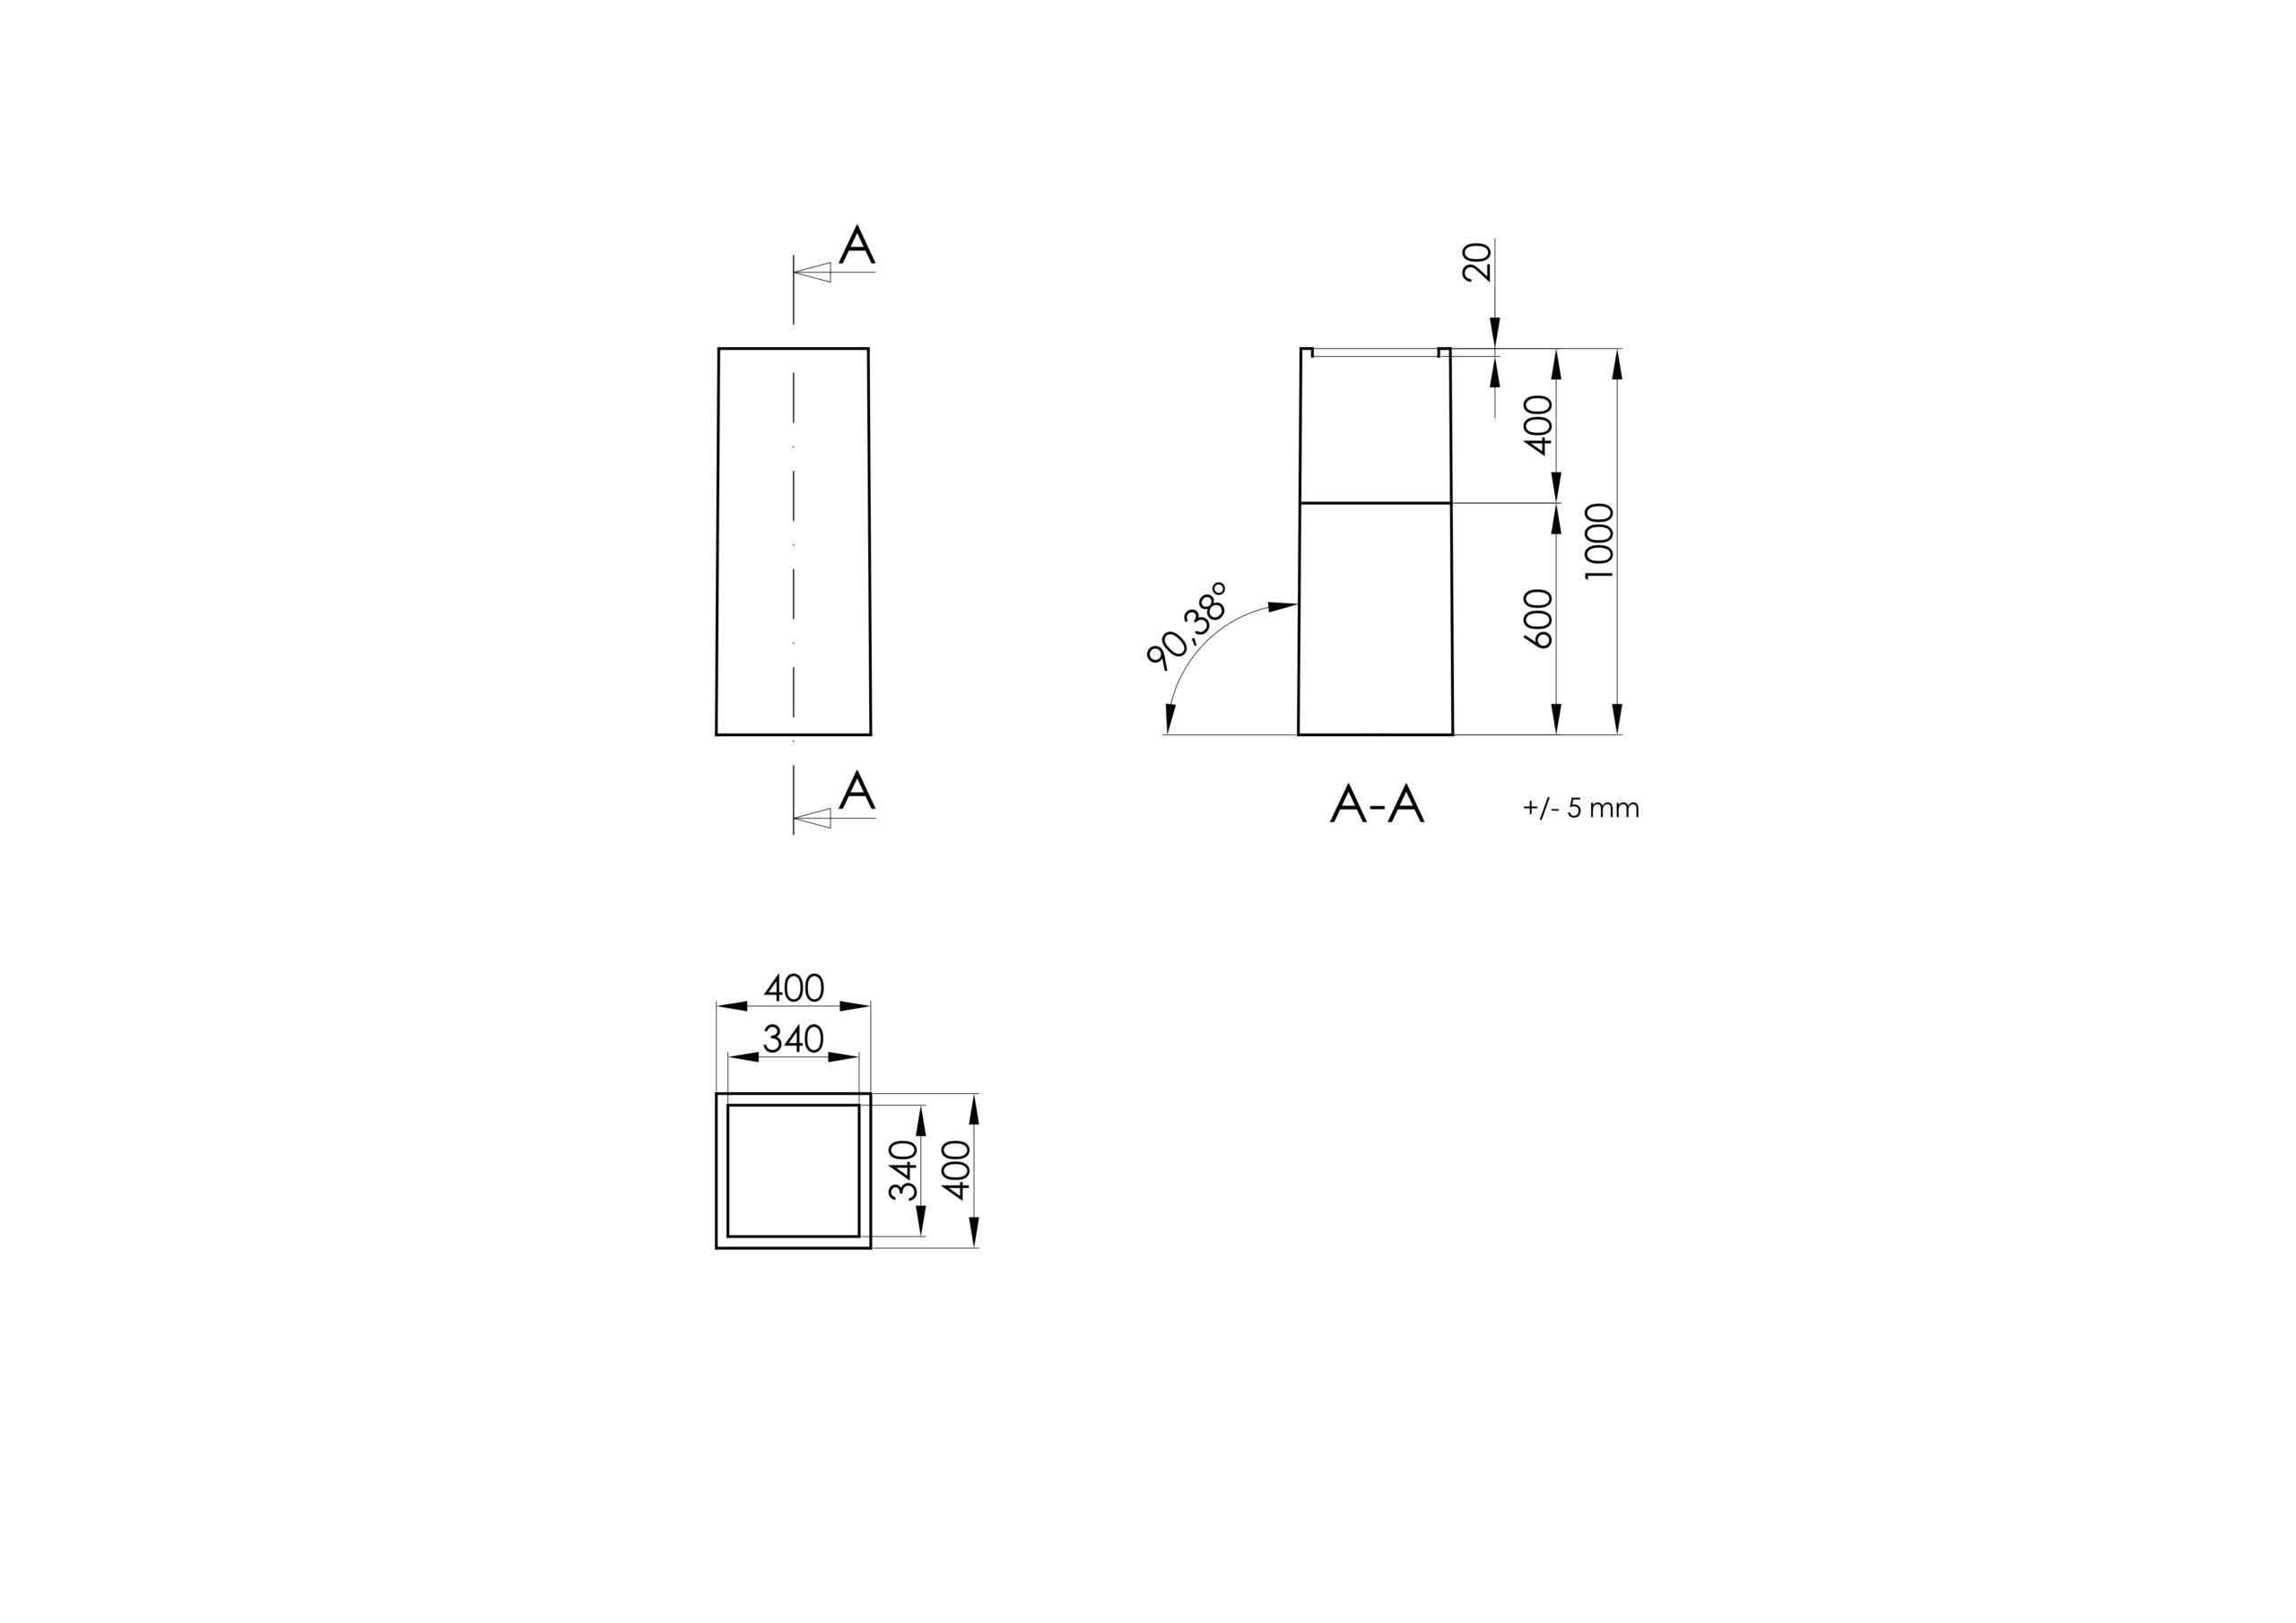 Carlo 2 - Technisches Zeichnen